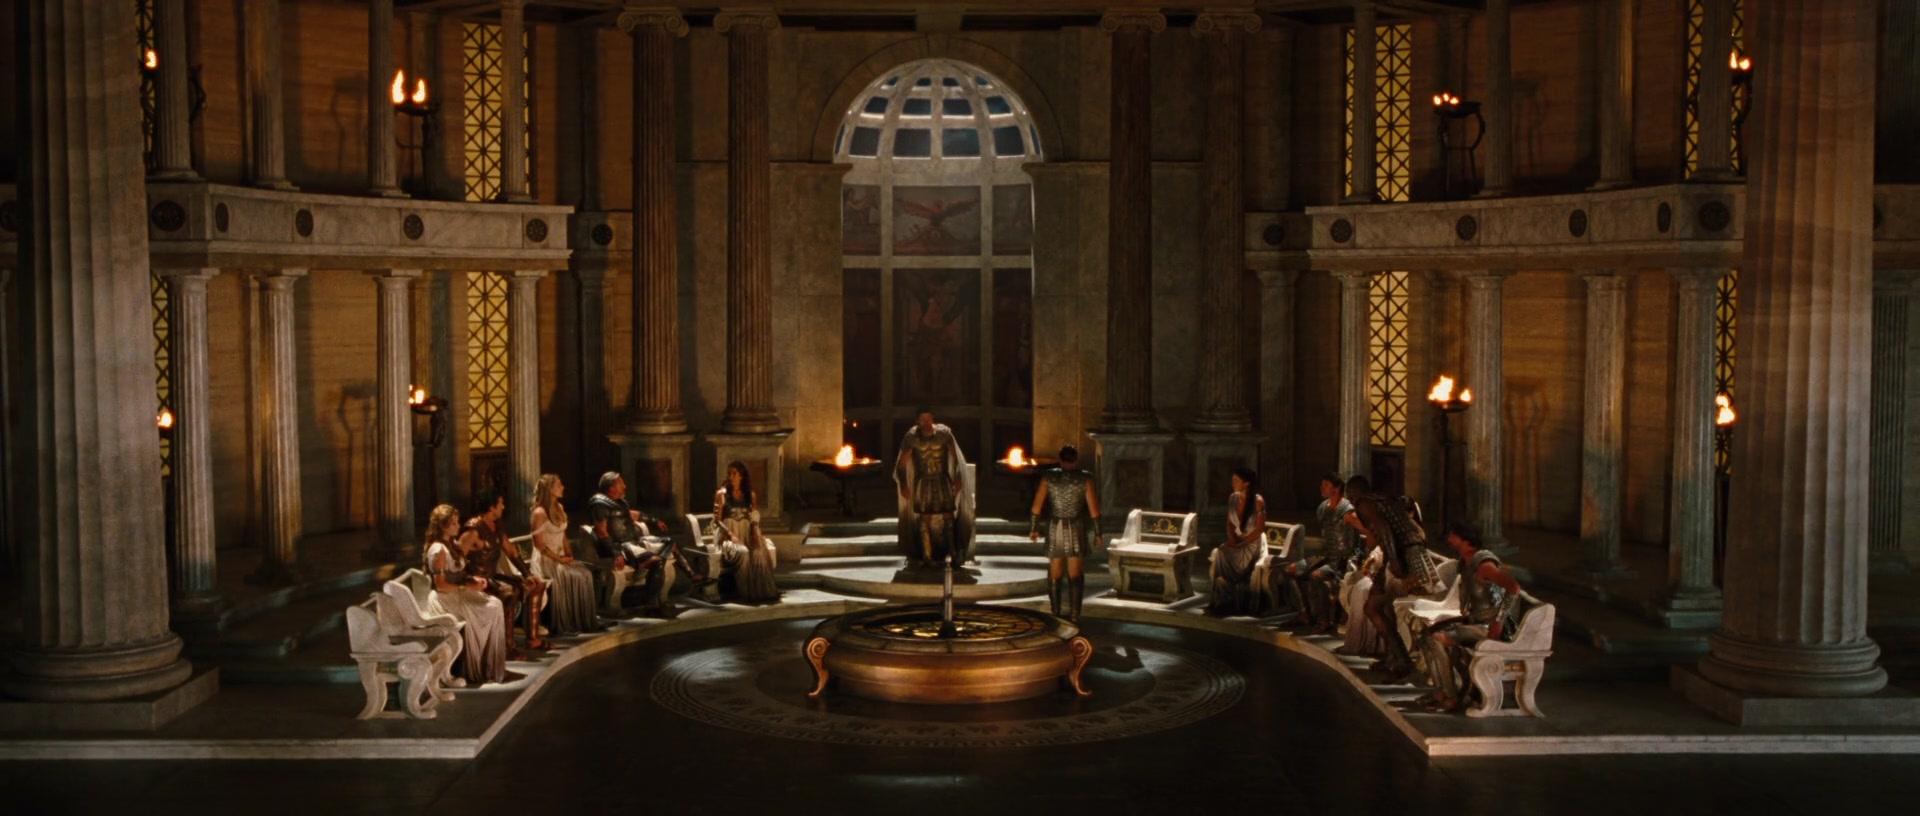 Hall Of The Gods Riordan Wiki Fandom Powered By Wikia